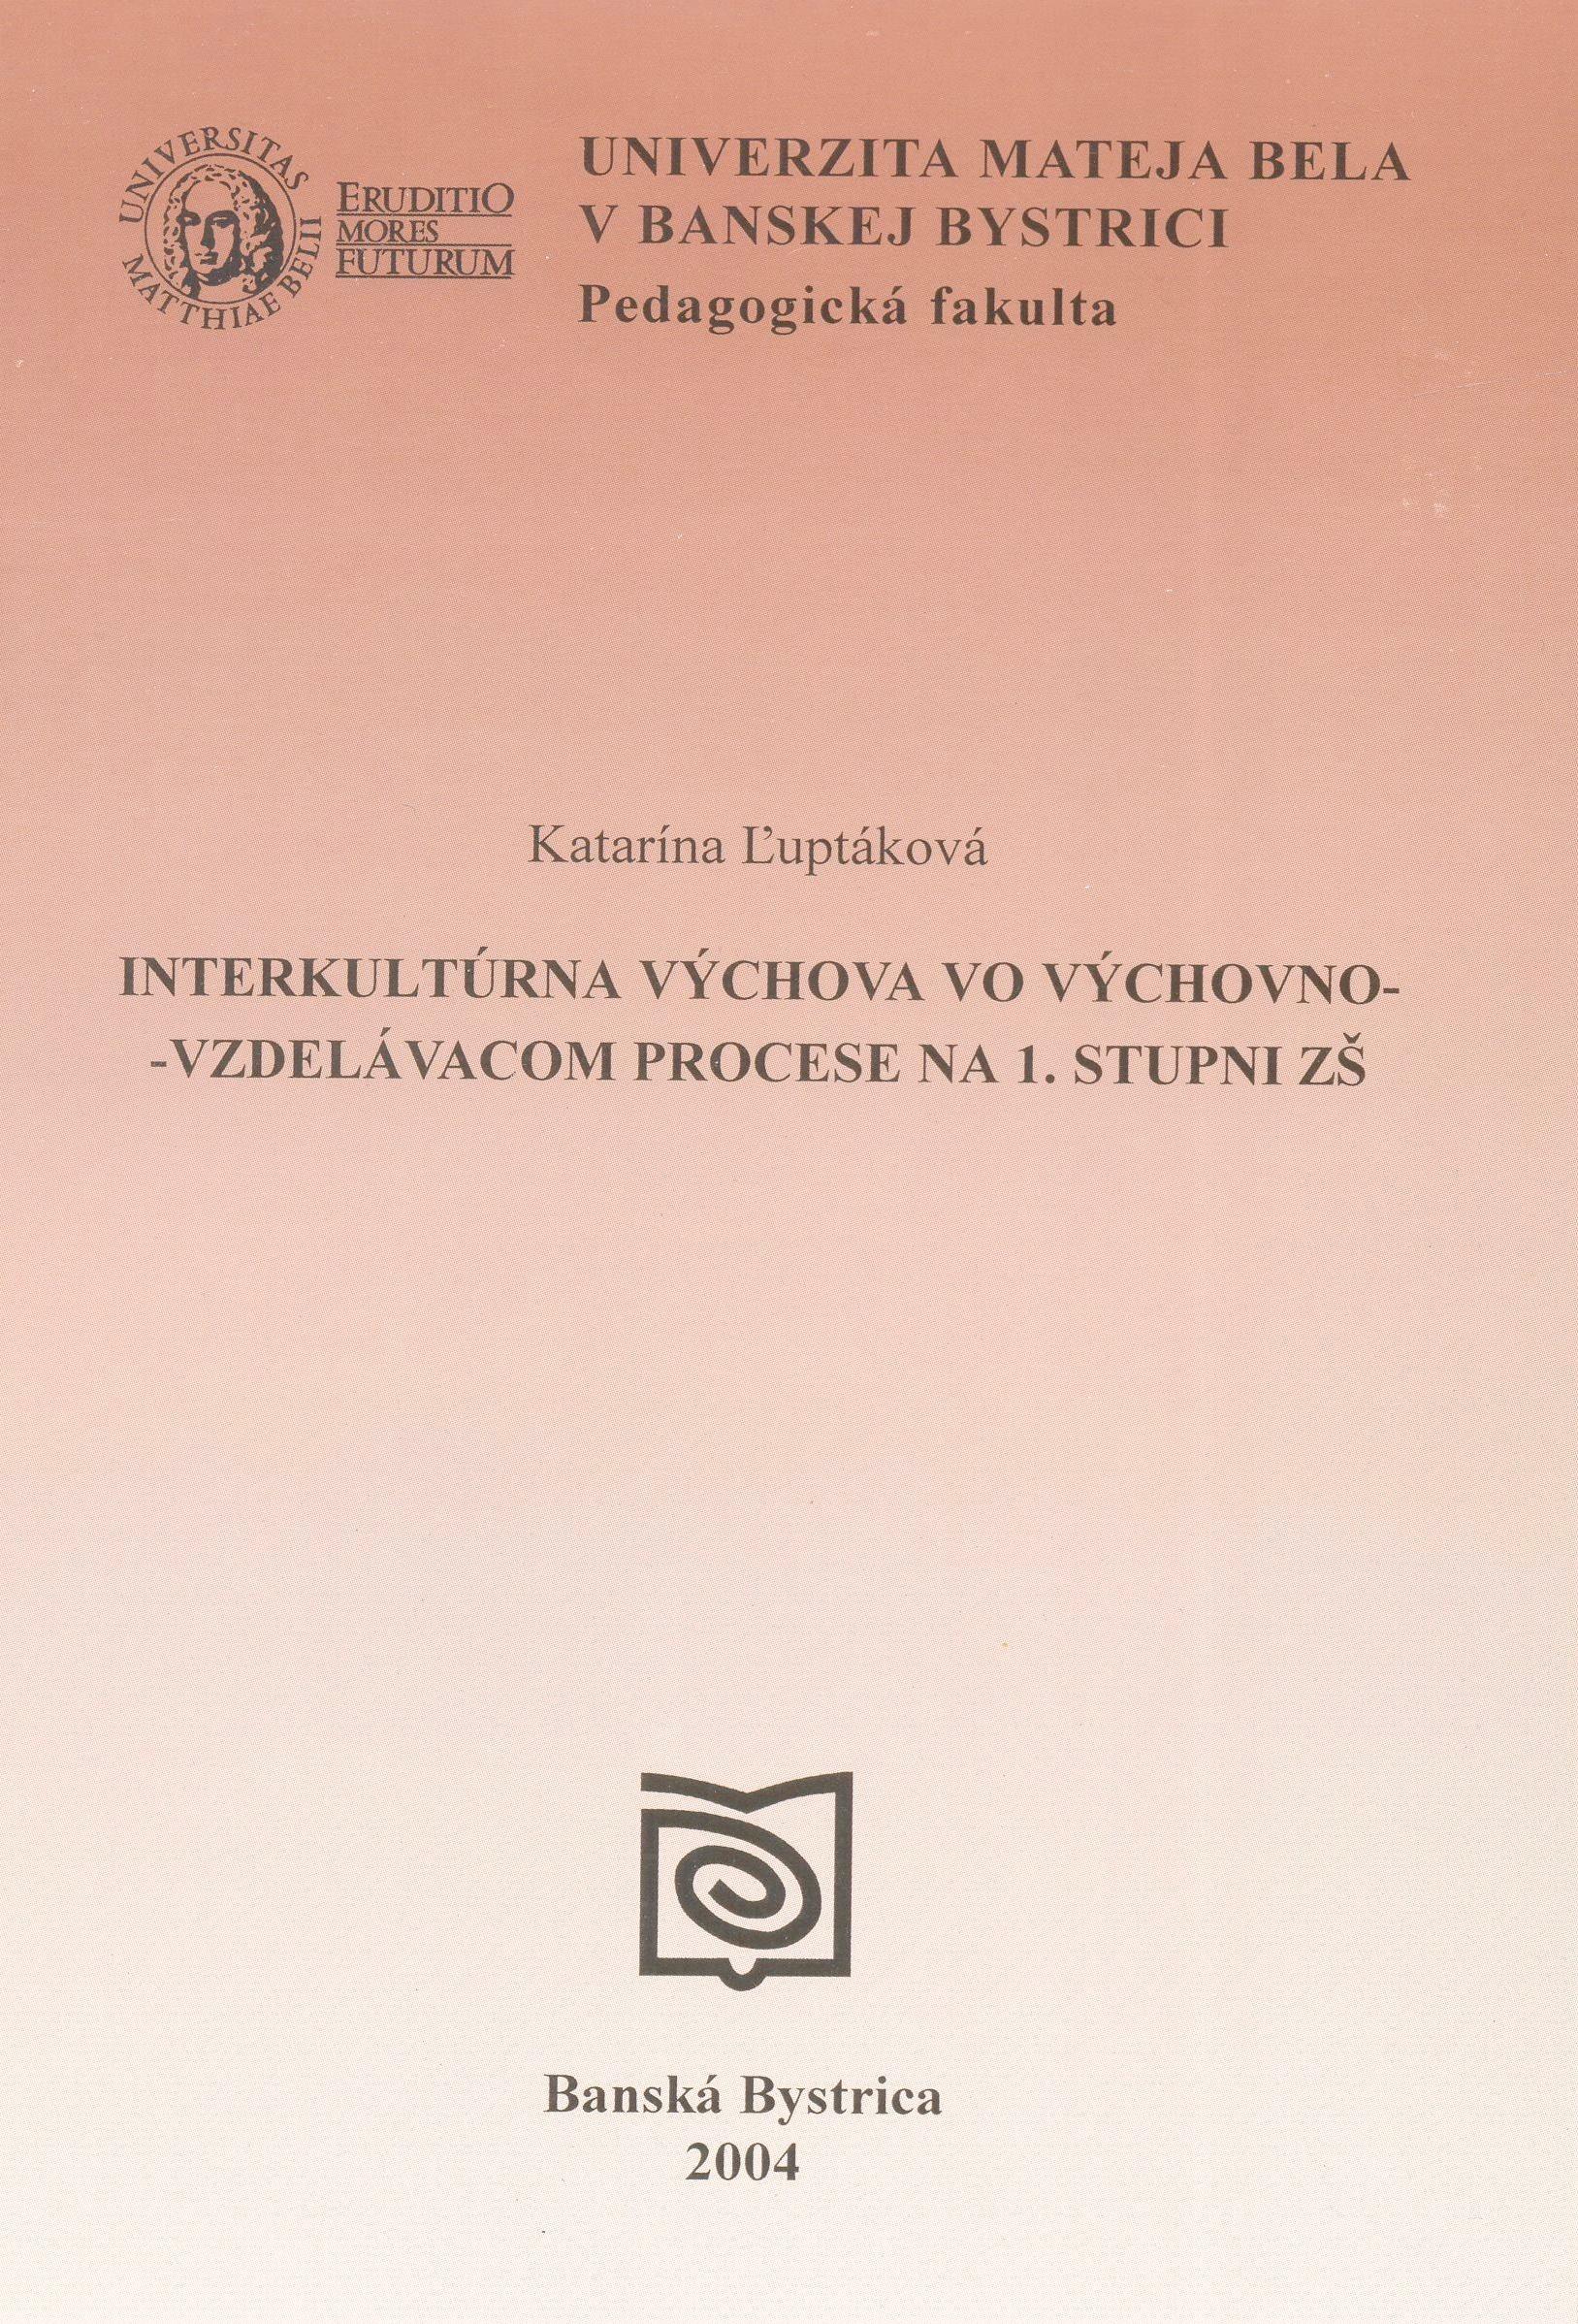 Interkultúrna výchova vo výchovno-vzdelávacom procese na 1. stupni ZŚ